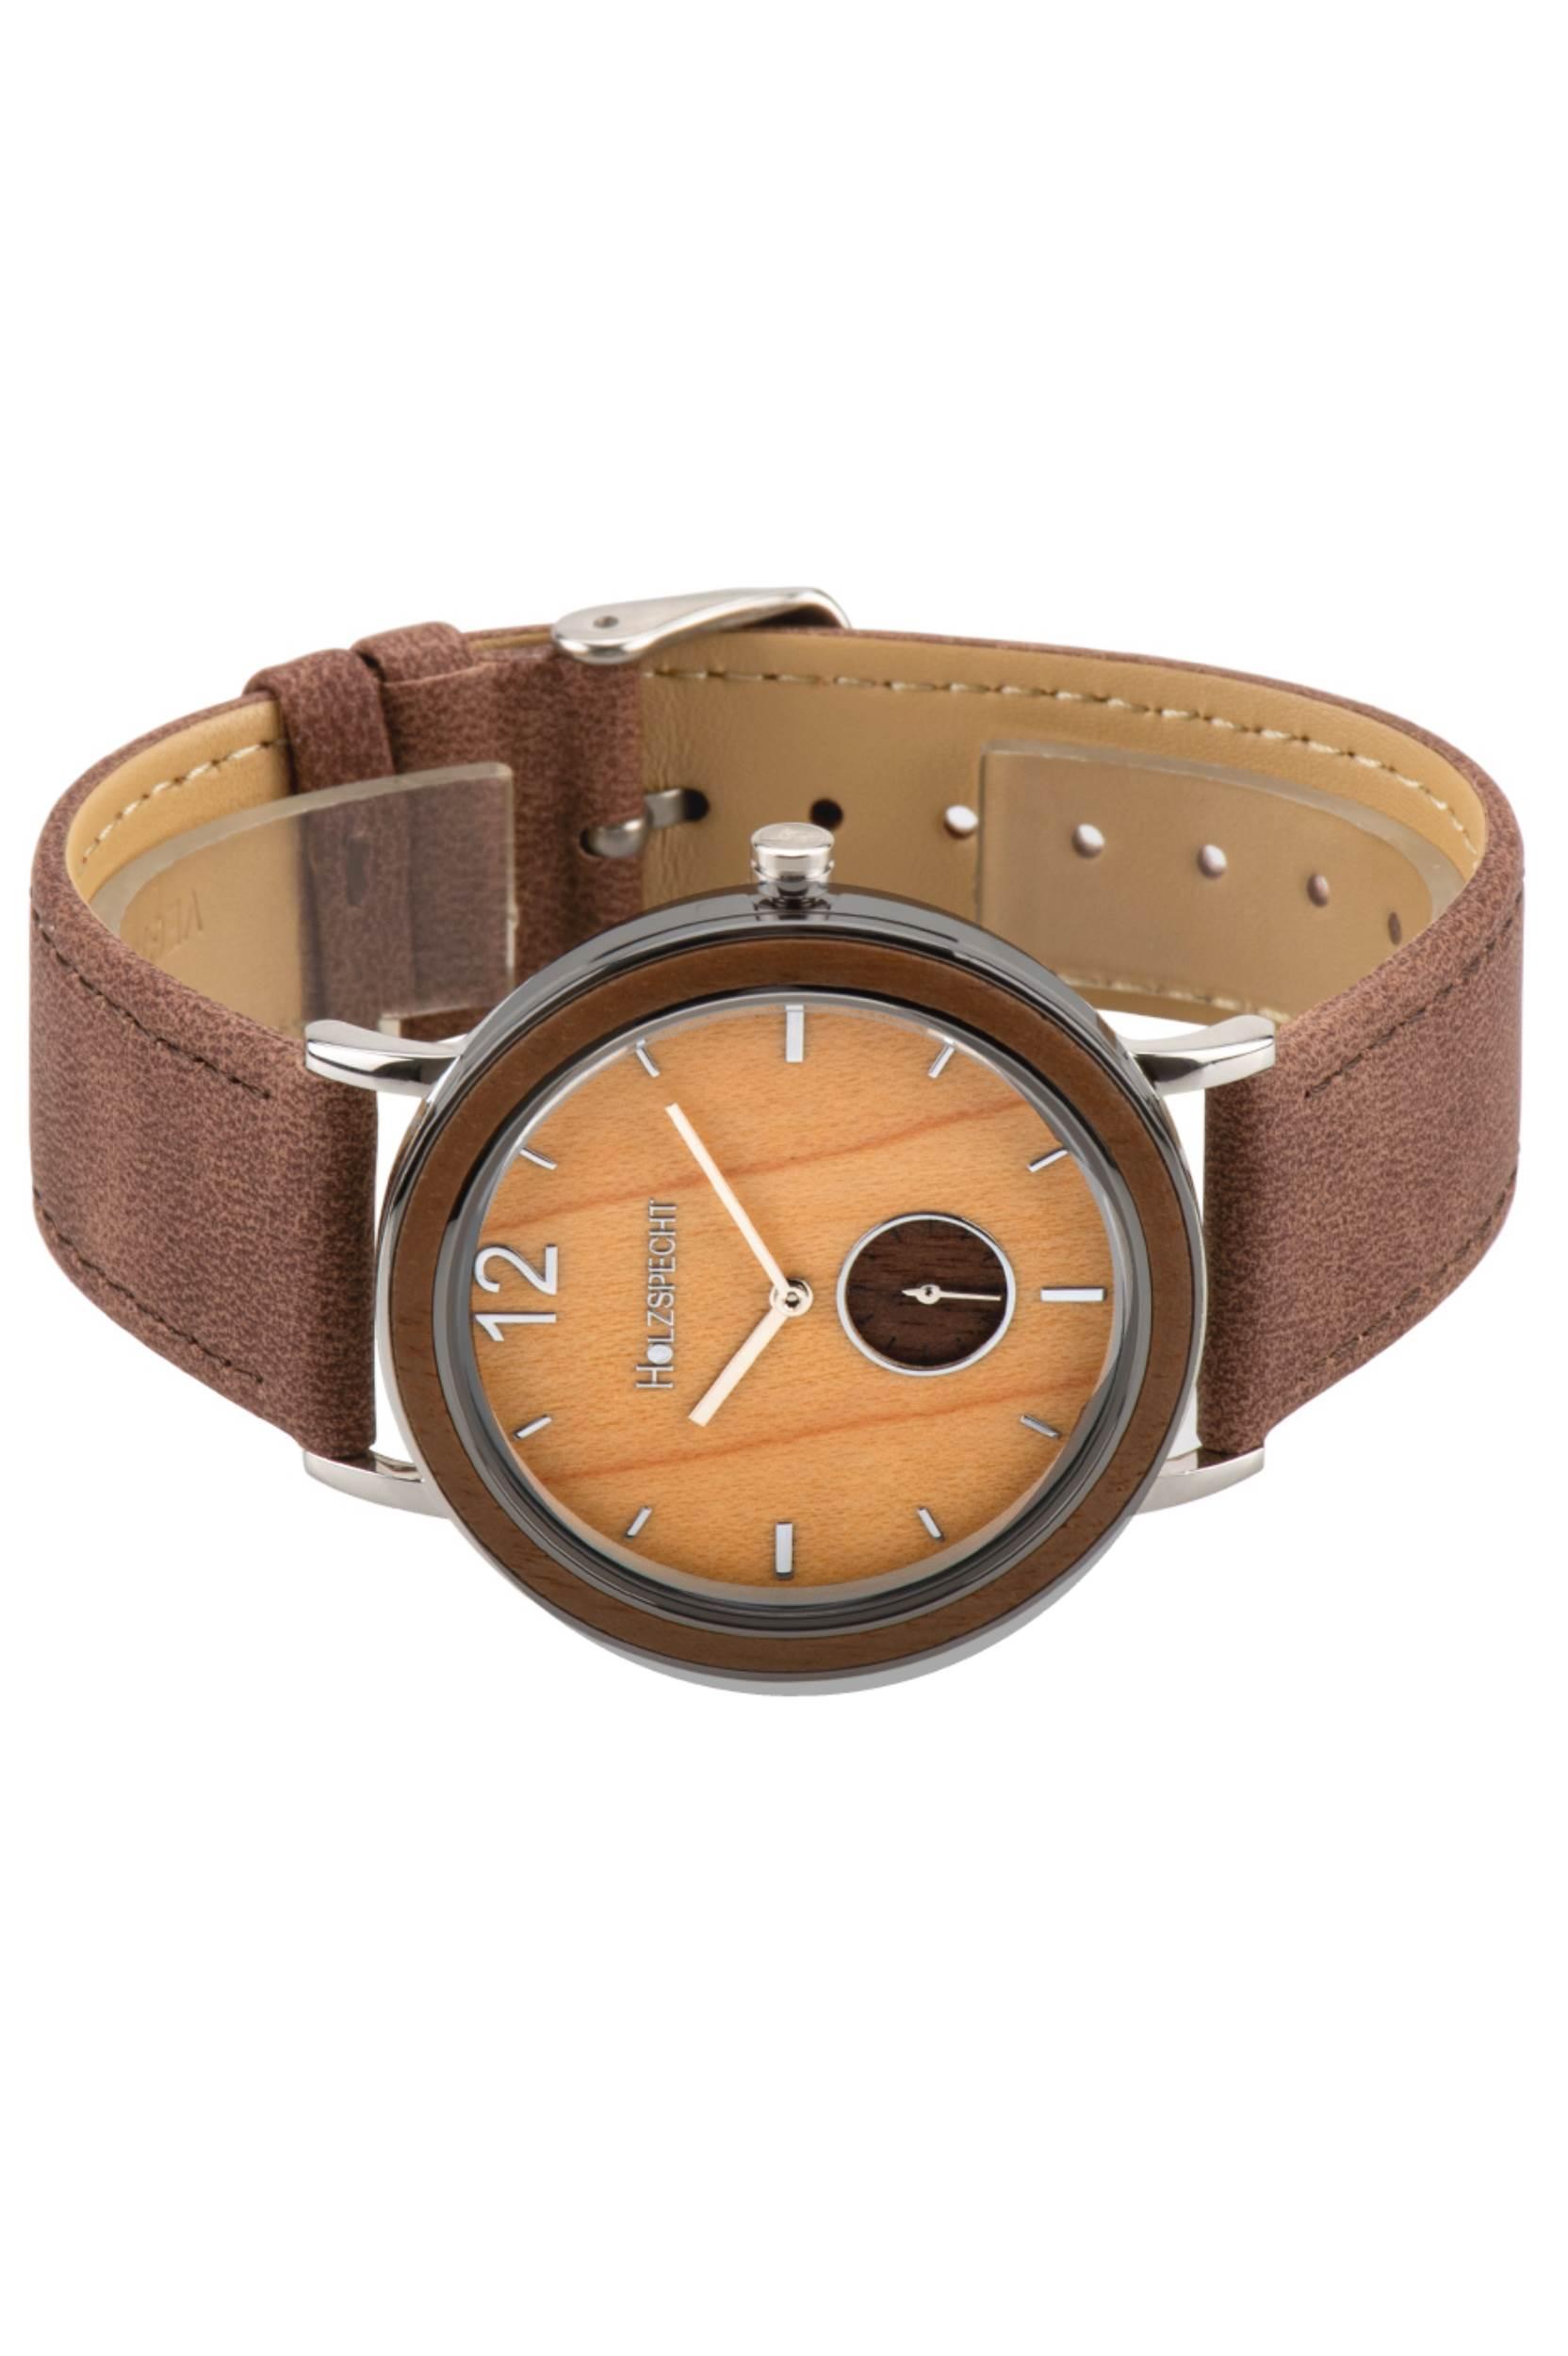 Armbanduhr Karwendel - Holz und veganes Leder